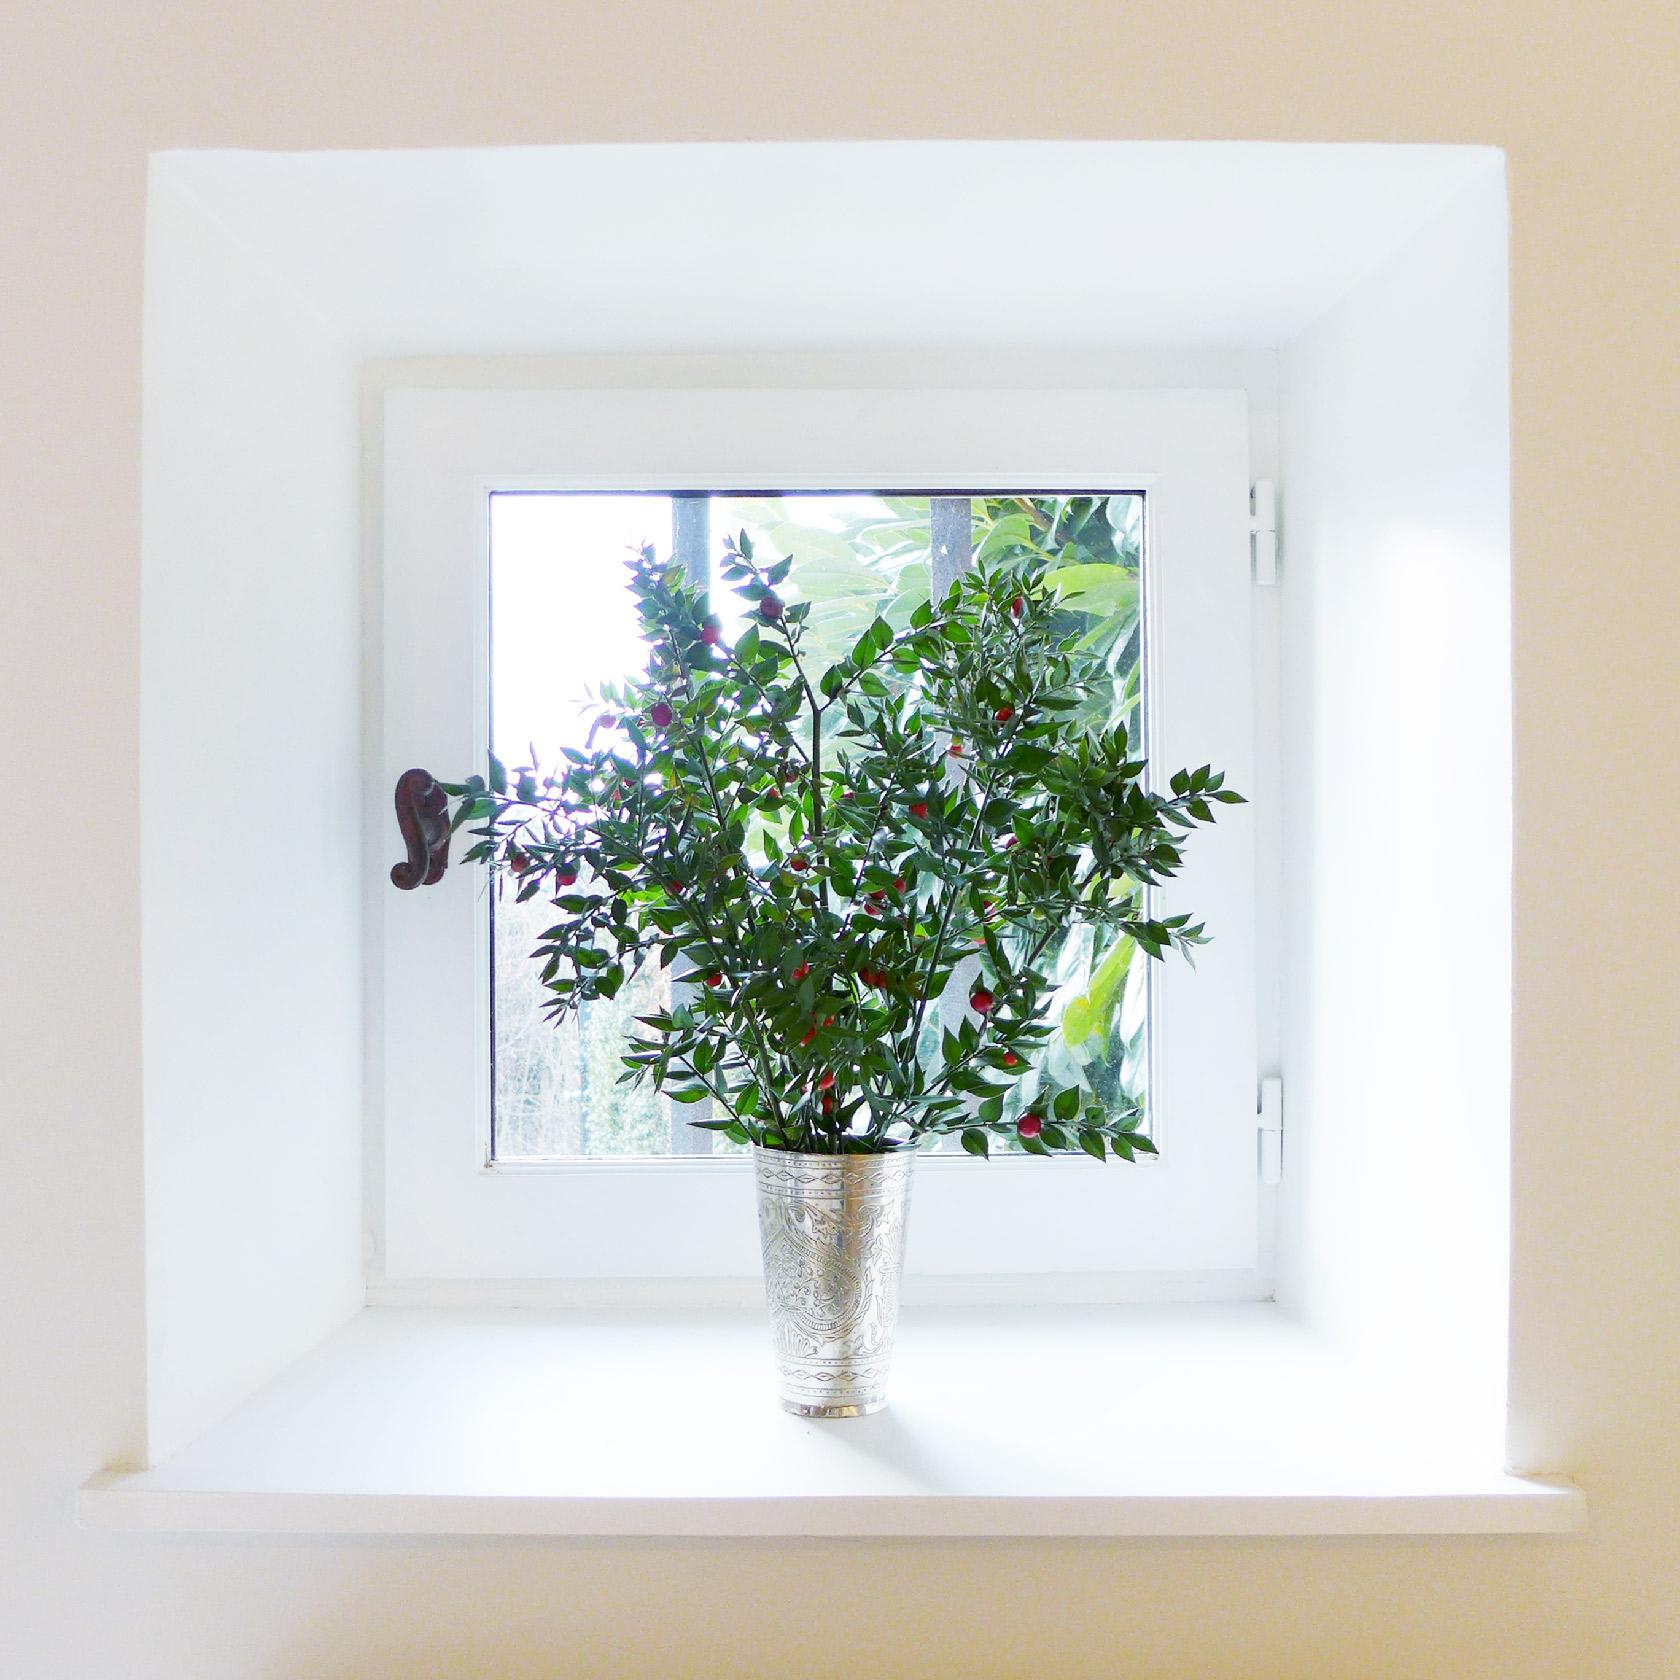 Réalisation du studio d'architecture et de décoration Skéa Designer. Zoom sur la fenêtre et son vase agrémenté d'un bouquet de feuillage.